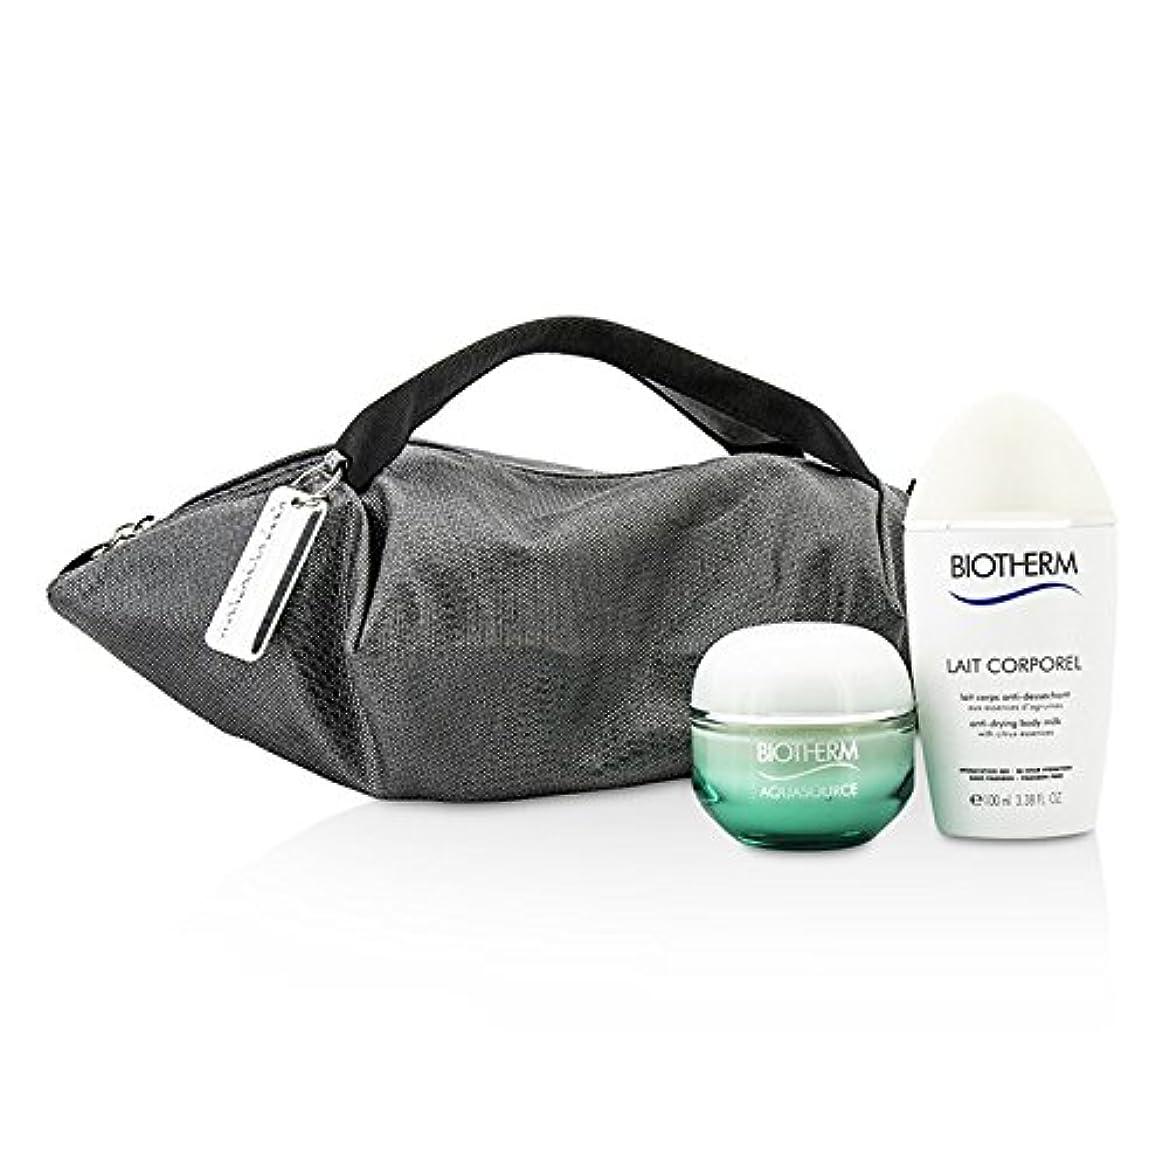 既婚呼吸する補助金ビオテルム Aquasource & Body Care X Mandarina Duck Coffret: Cream N/C 50ml + Anti-Drying Body Care 100ml + Handle Bag...